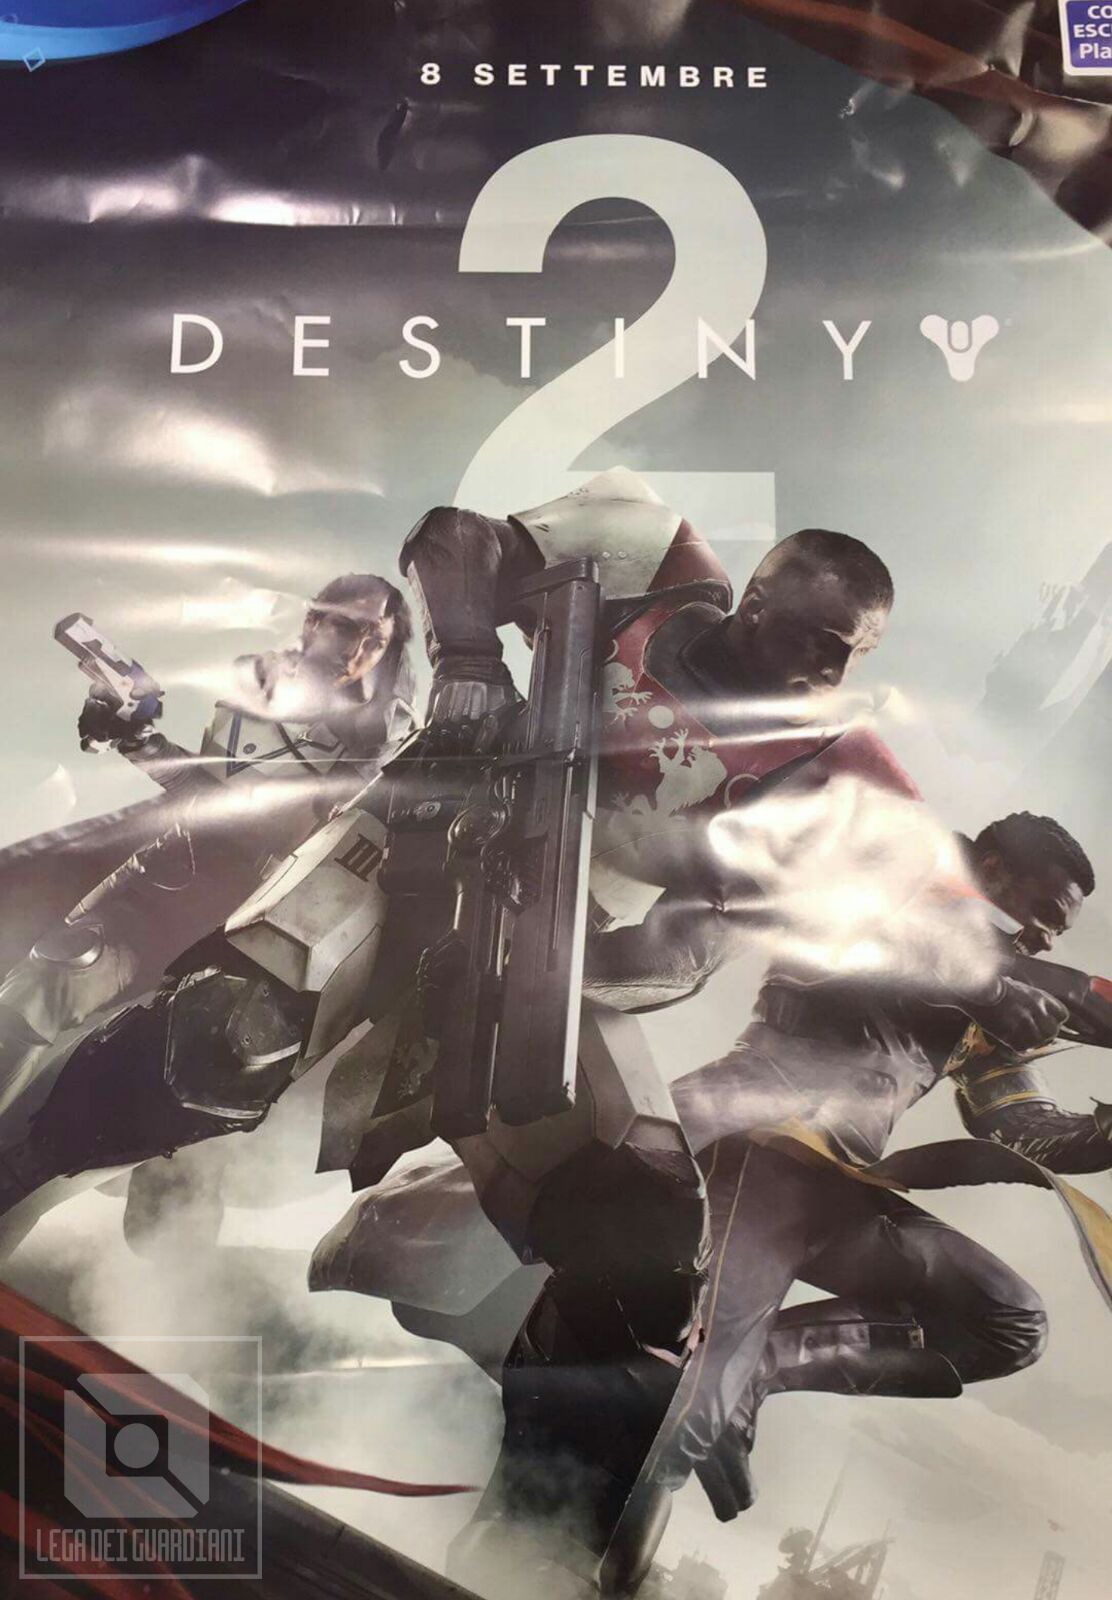 Plakát Destiny 2 odhalil datum vydání a betu 140699